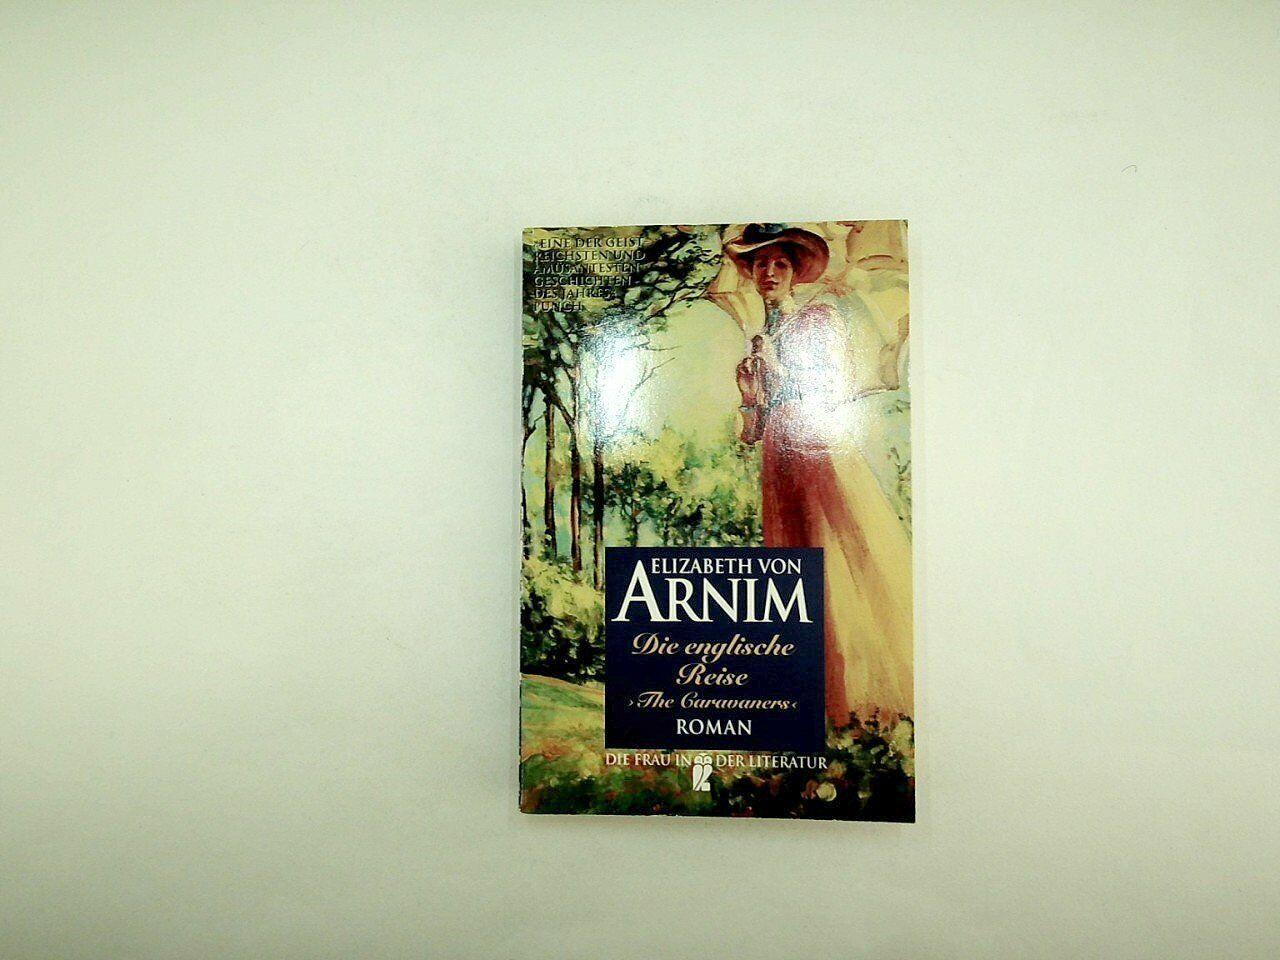 Arnim Elizabeth von - Die englische Reise  - 1995